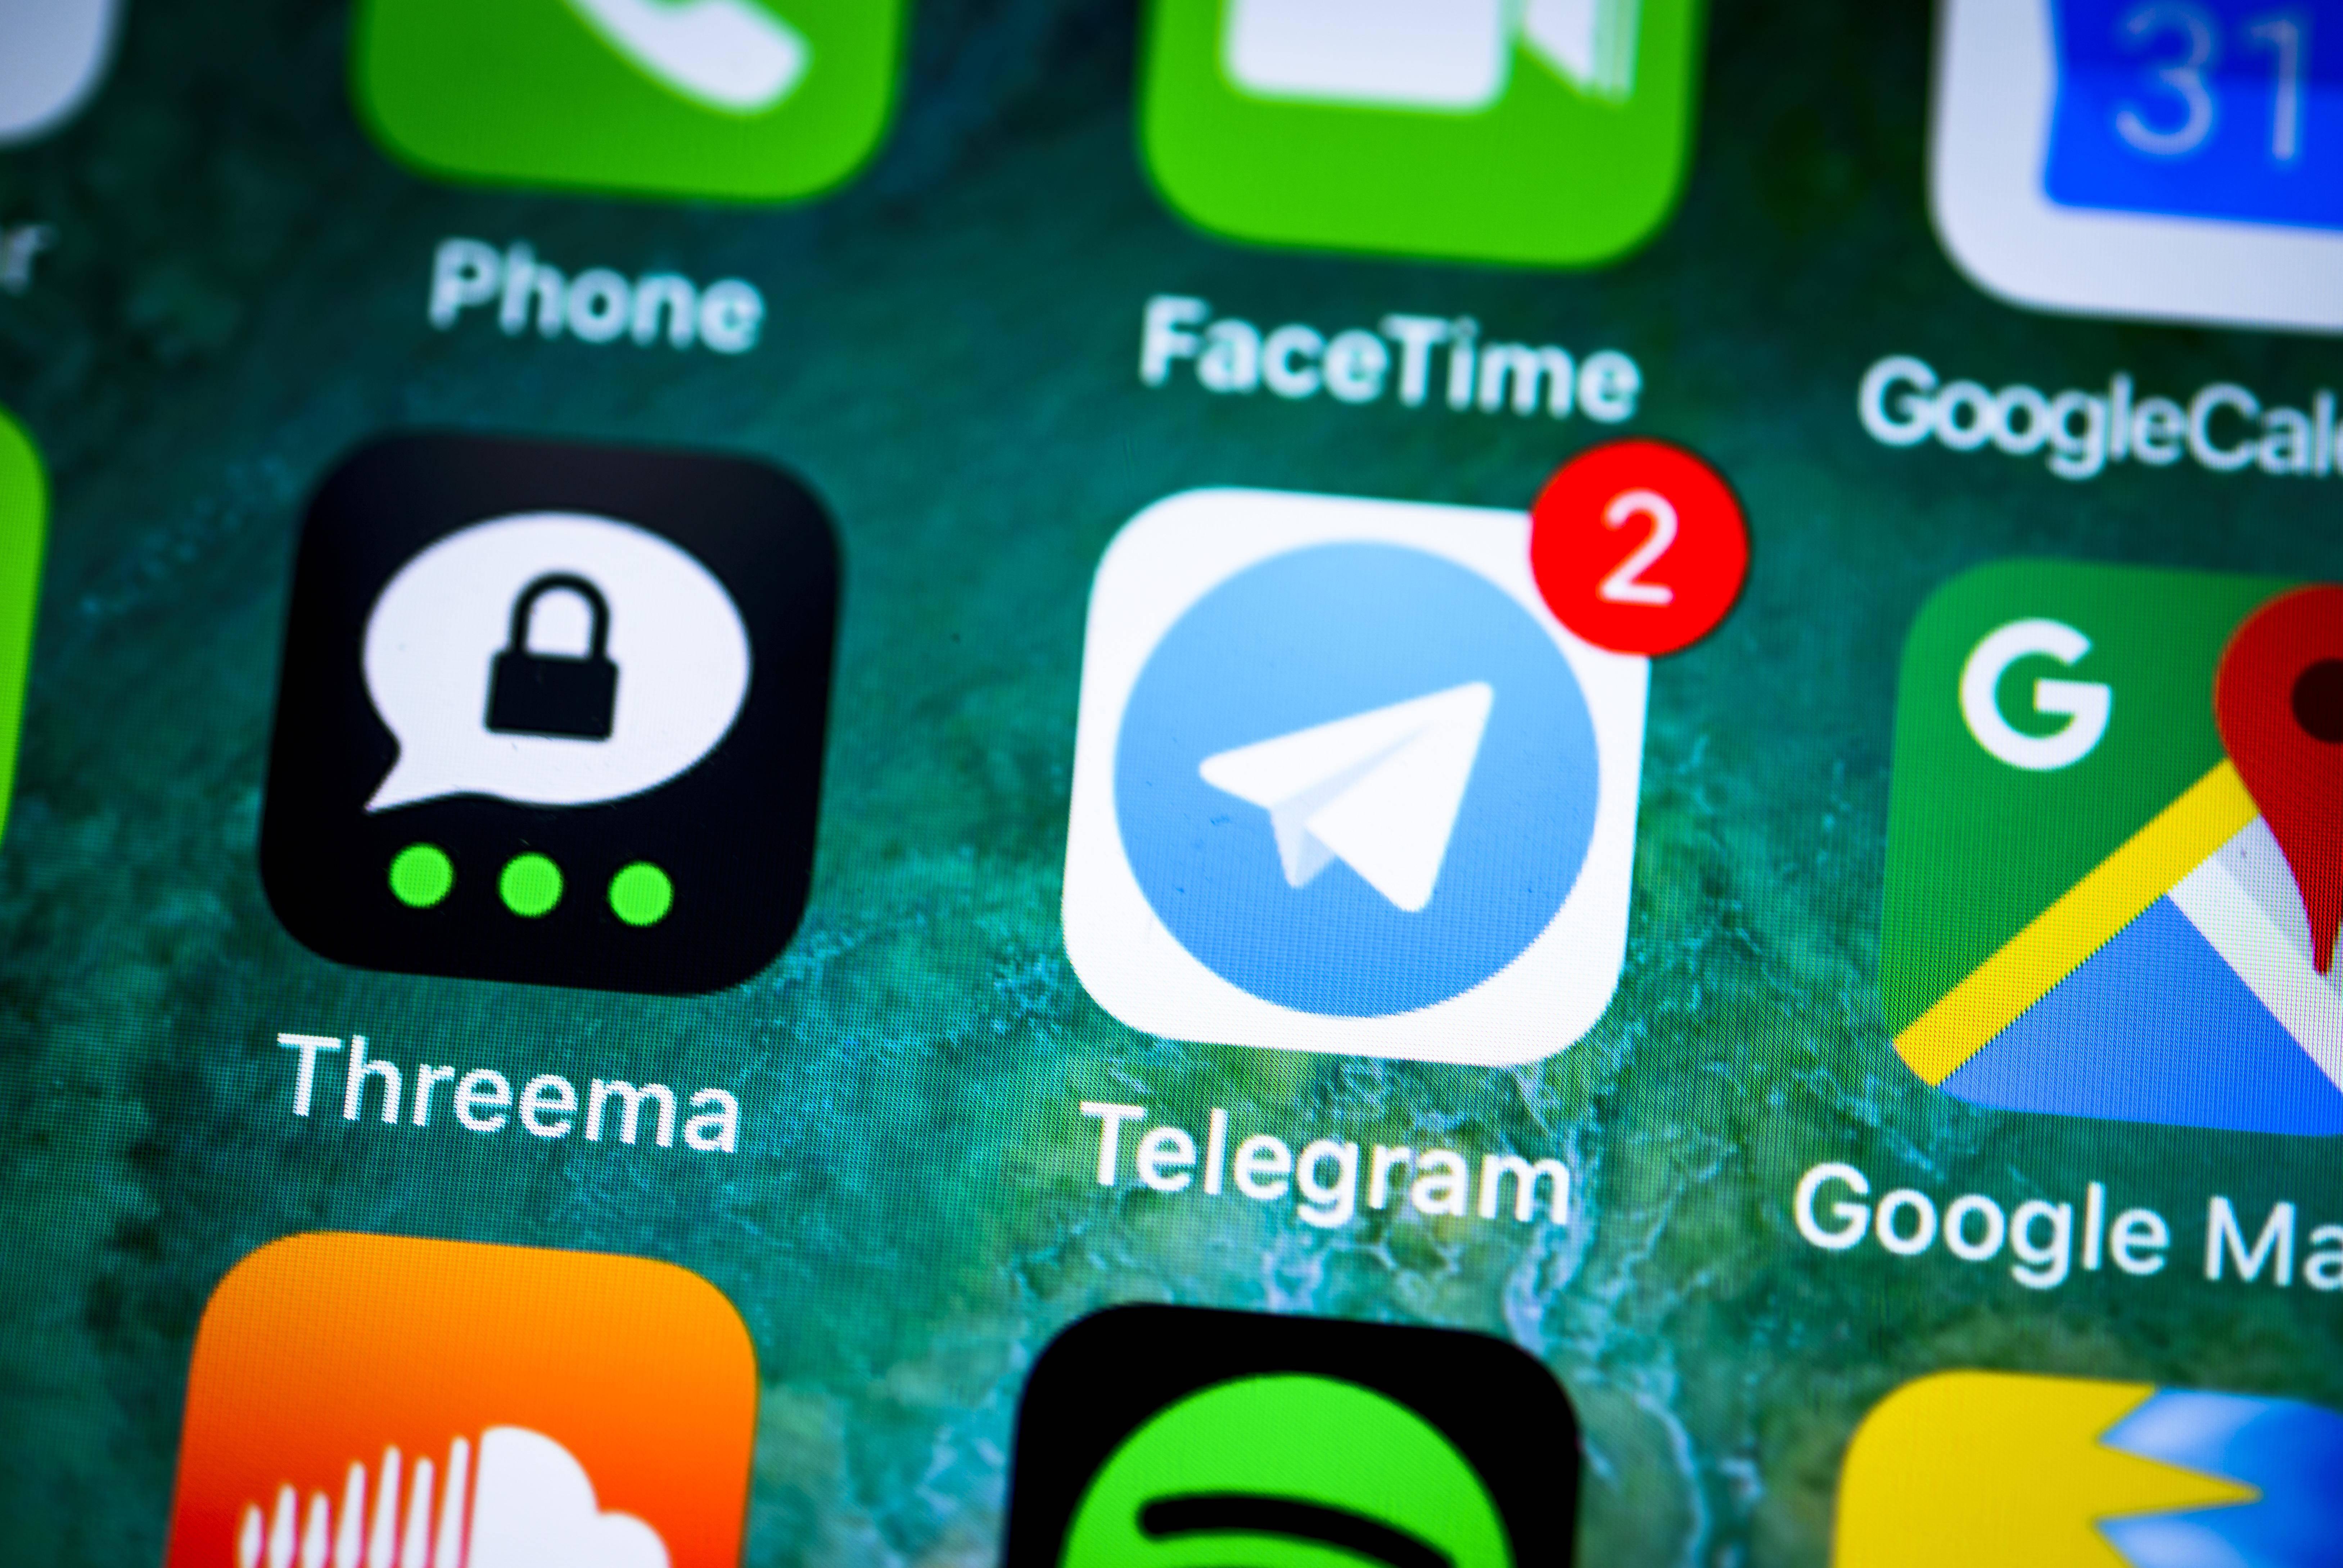 Telegram: Kanal beitreten und verlassen - so geht's